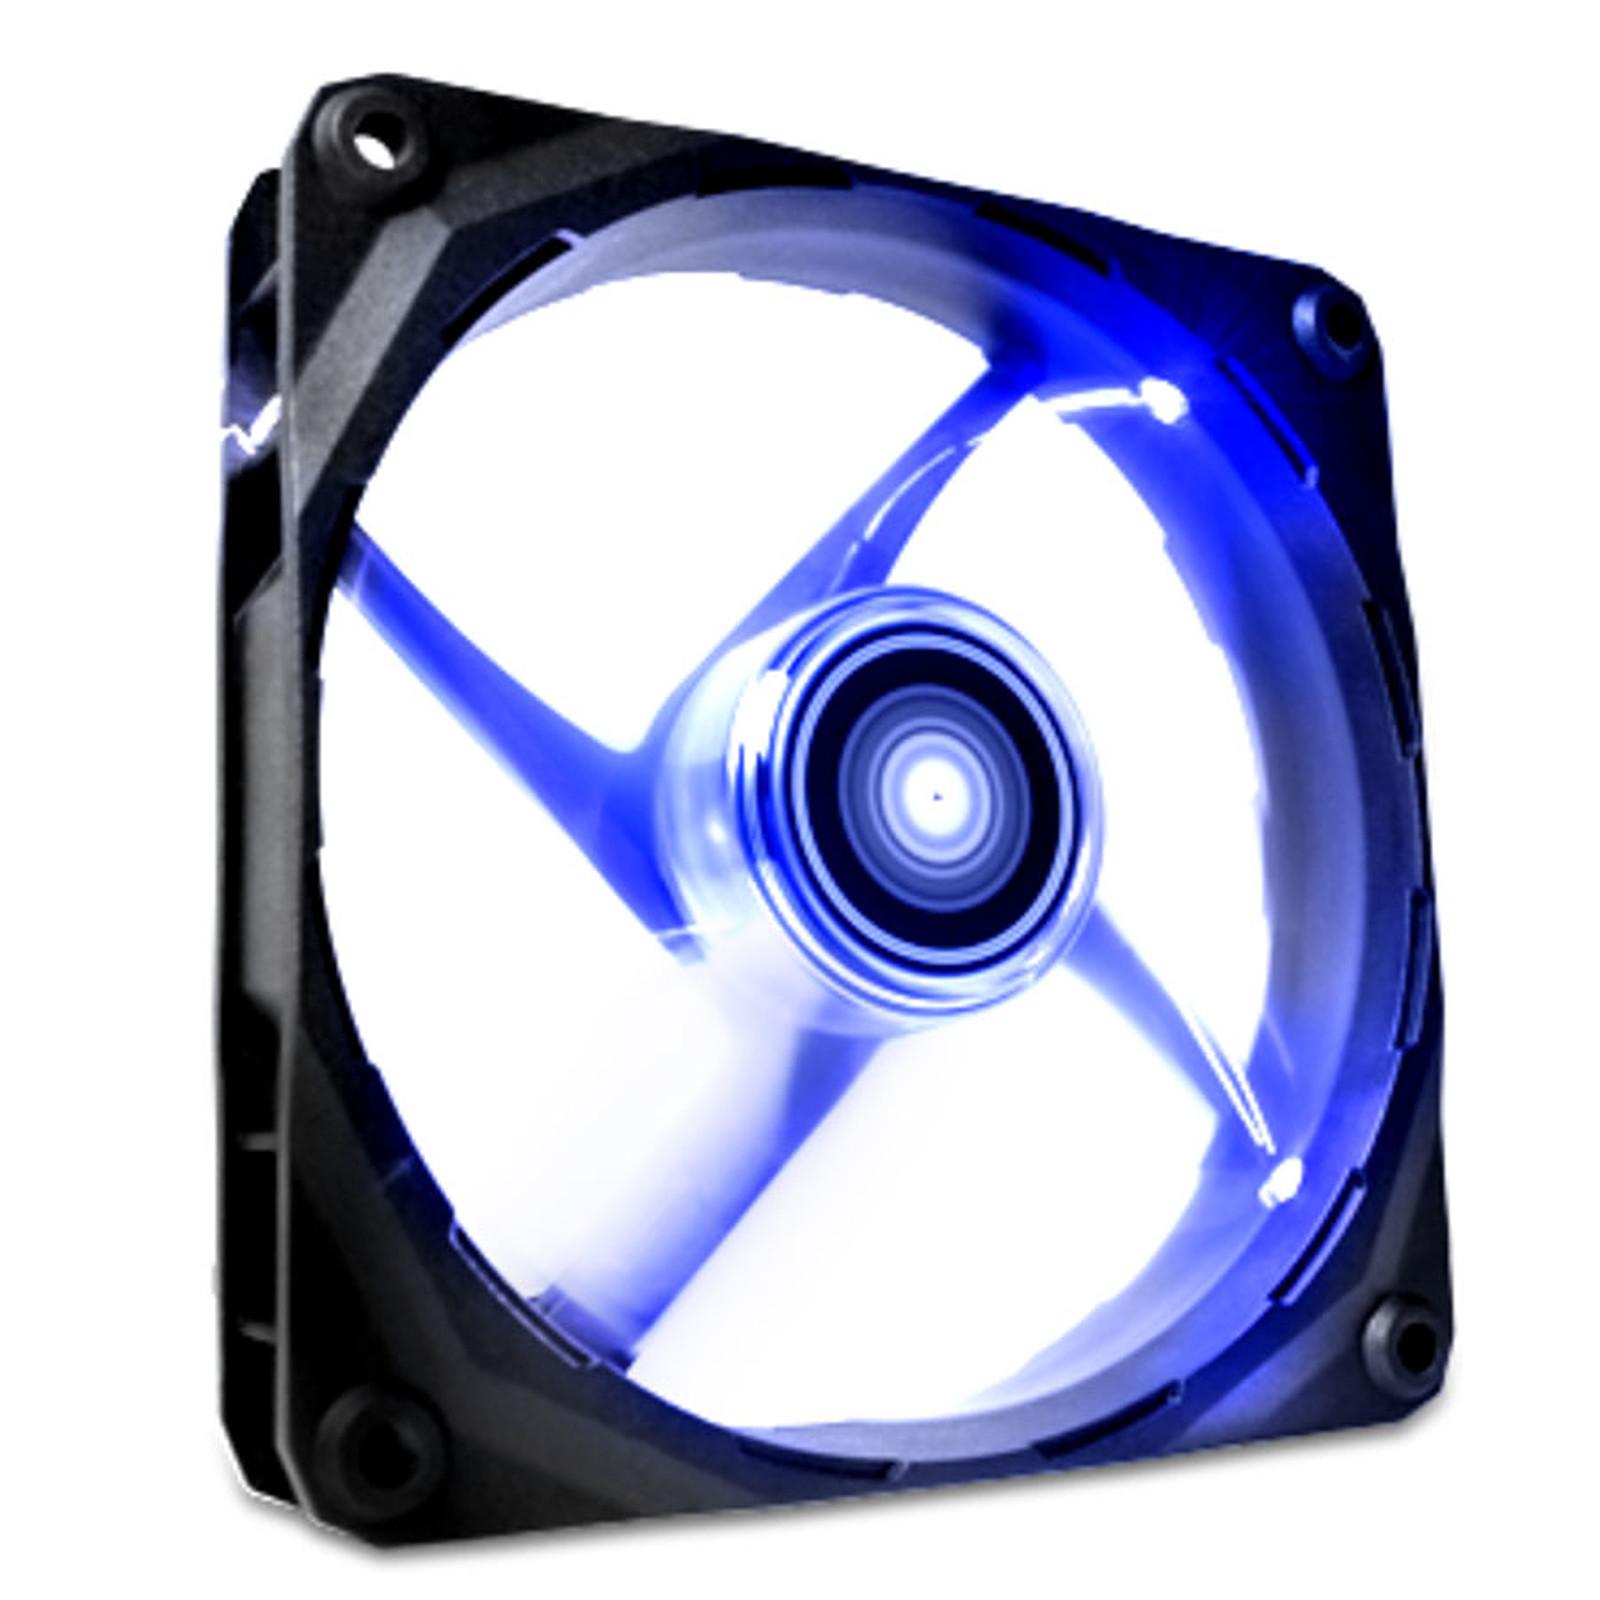 NZXT FZ LED Bleu 120 mm